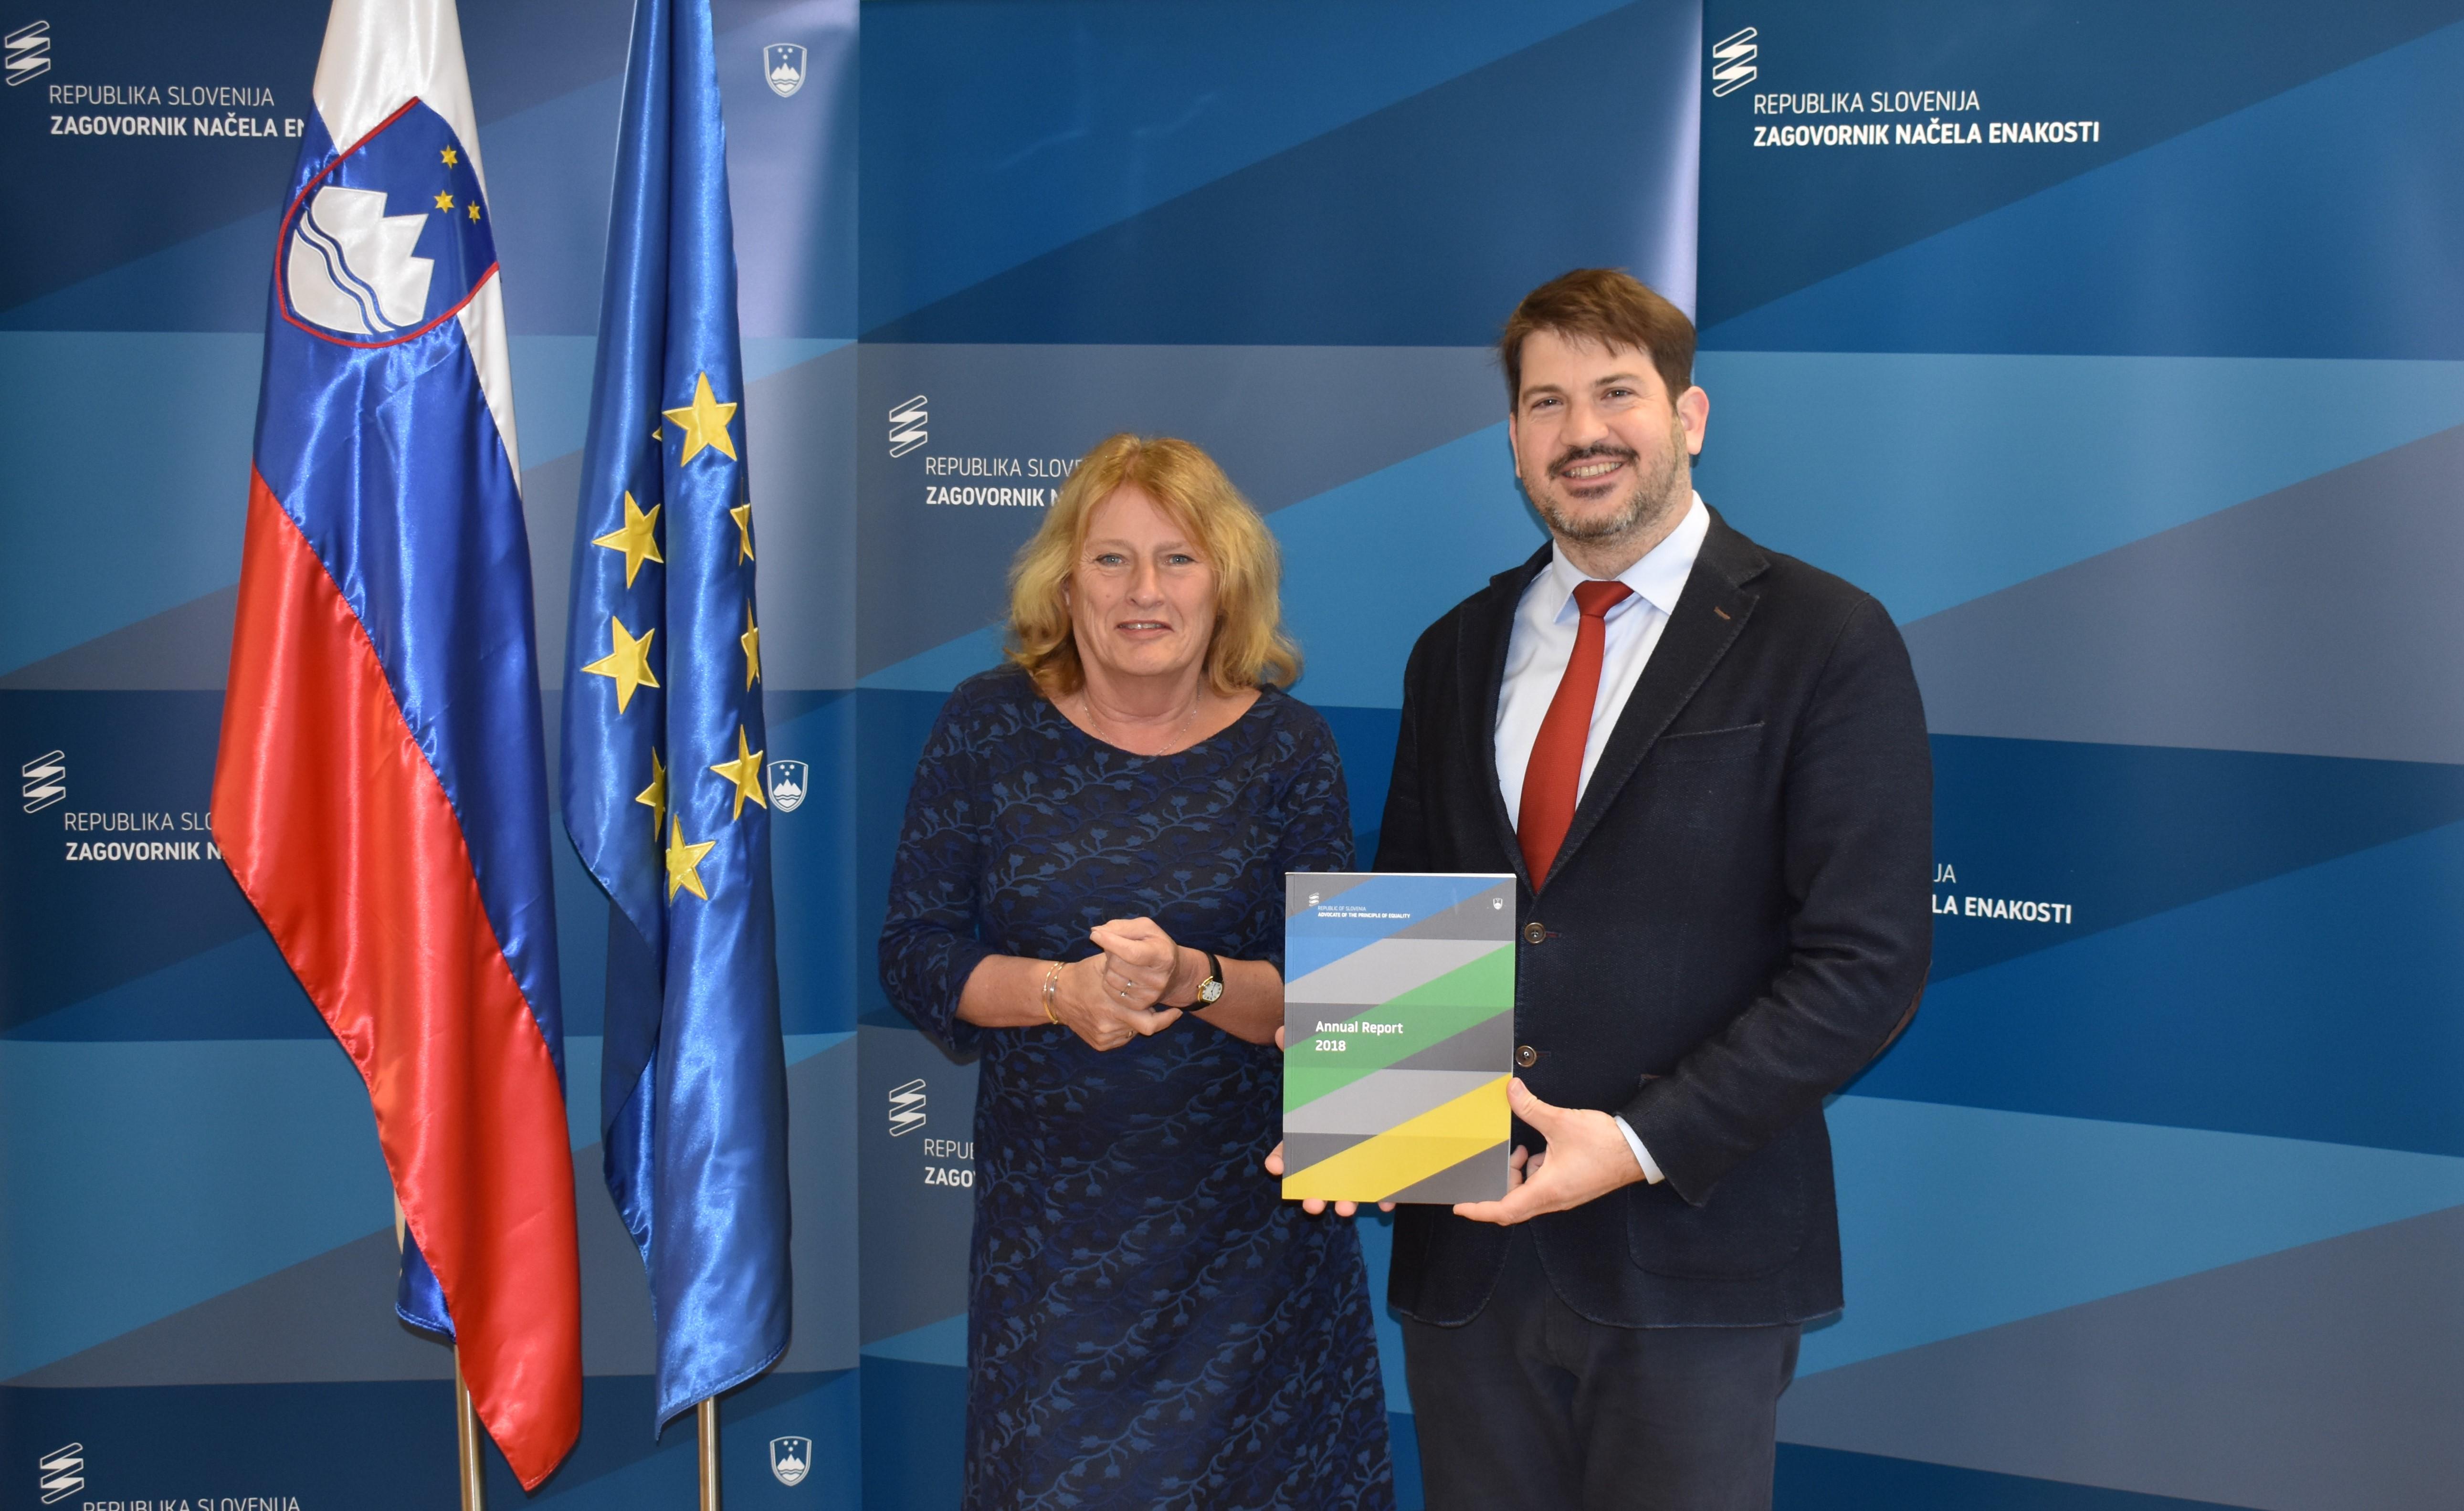 Zagovornik načela enakosti Miha Lobnik in predstojnica nizozemskega inštituta za človekove pravice Adriane van Dooijenweer.